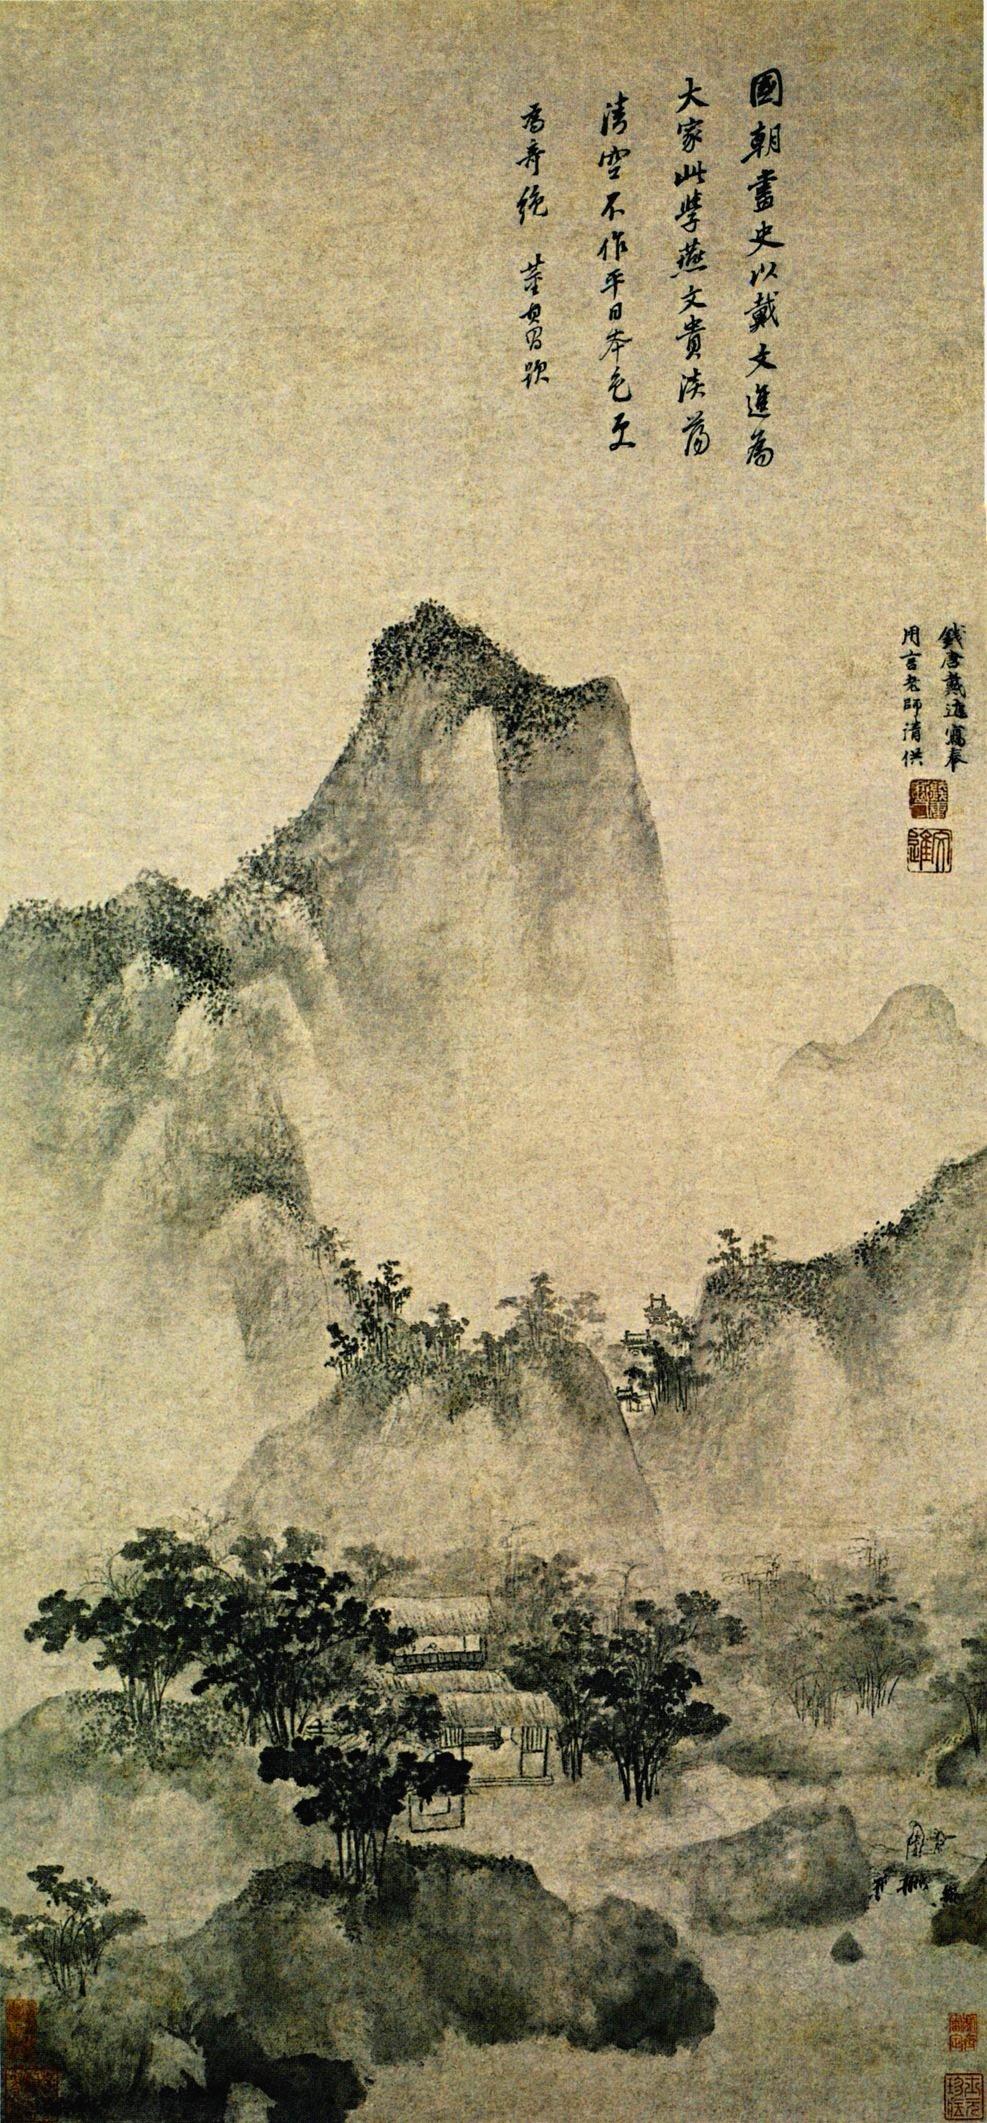 dai jin